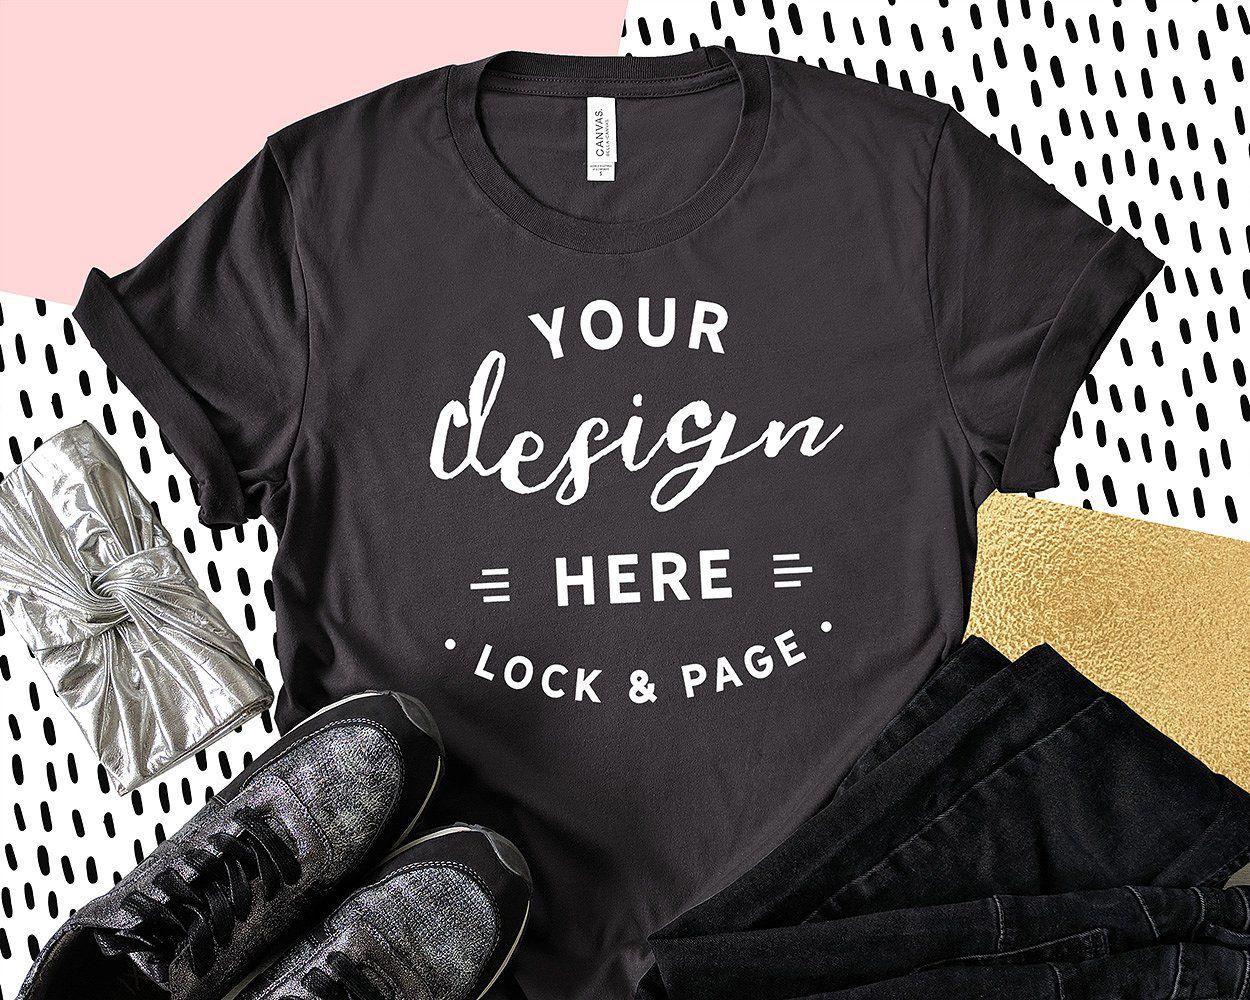 Download Bella Canvas 3001 Graphic Mockups Shirt Mockup Mockup Free Psd Free Packaging Mockup